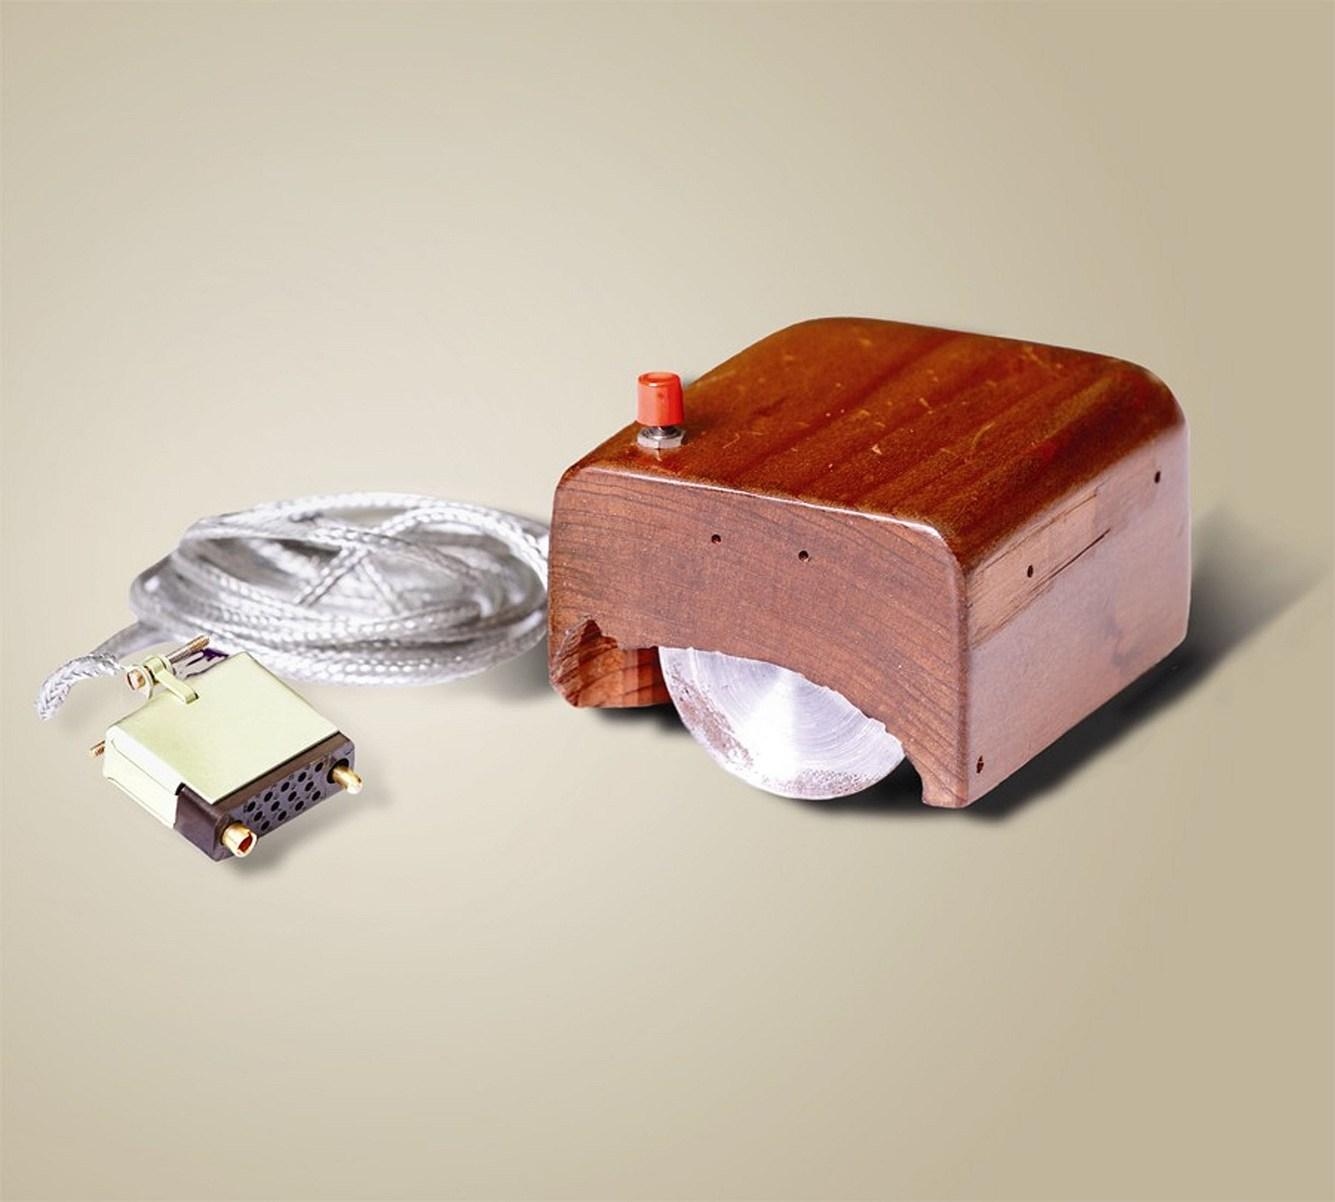 Prototyp einer Computer-Maus